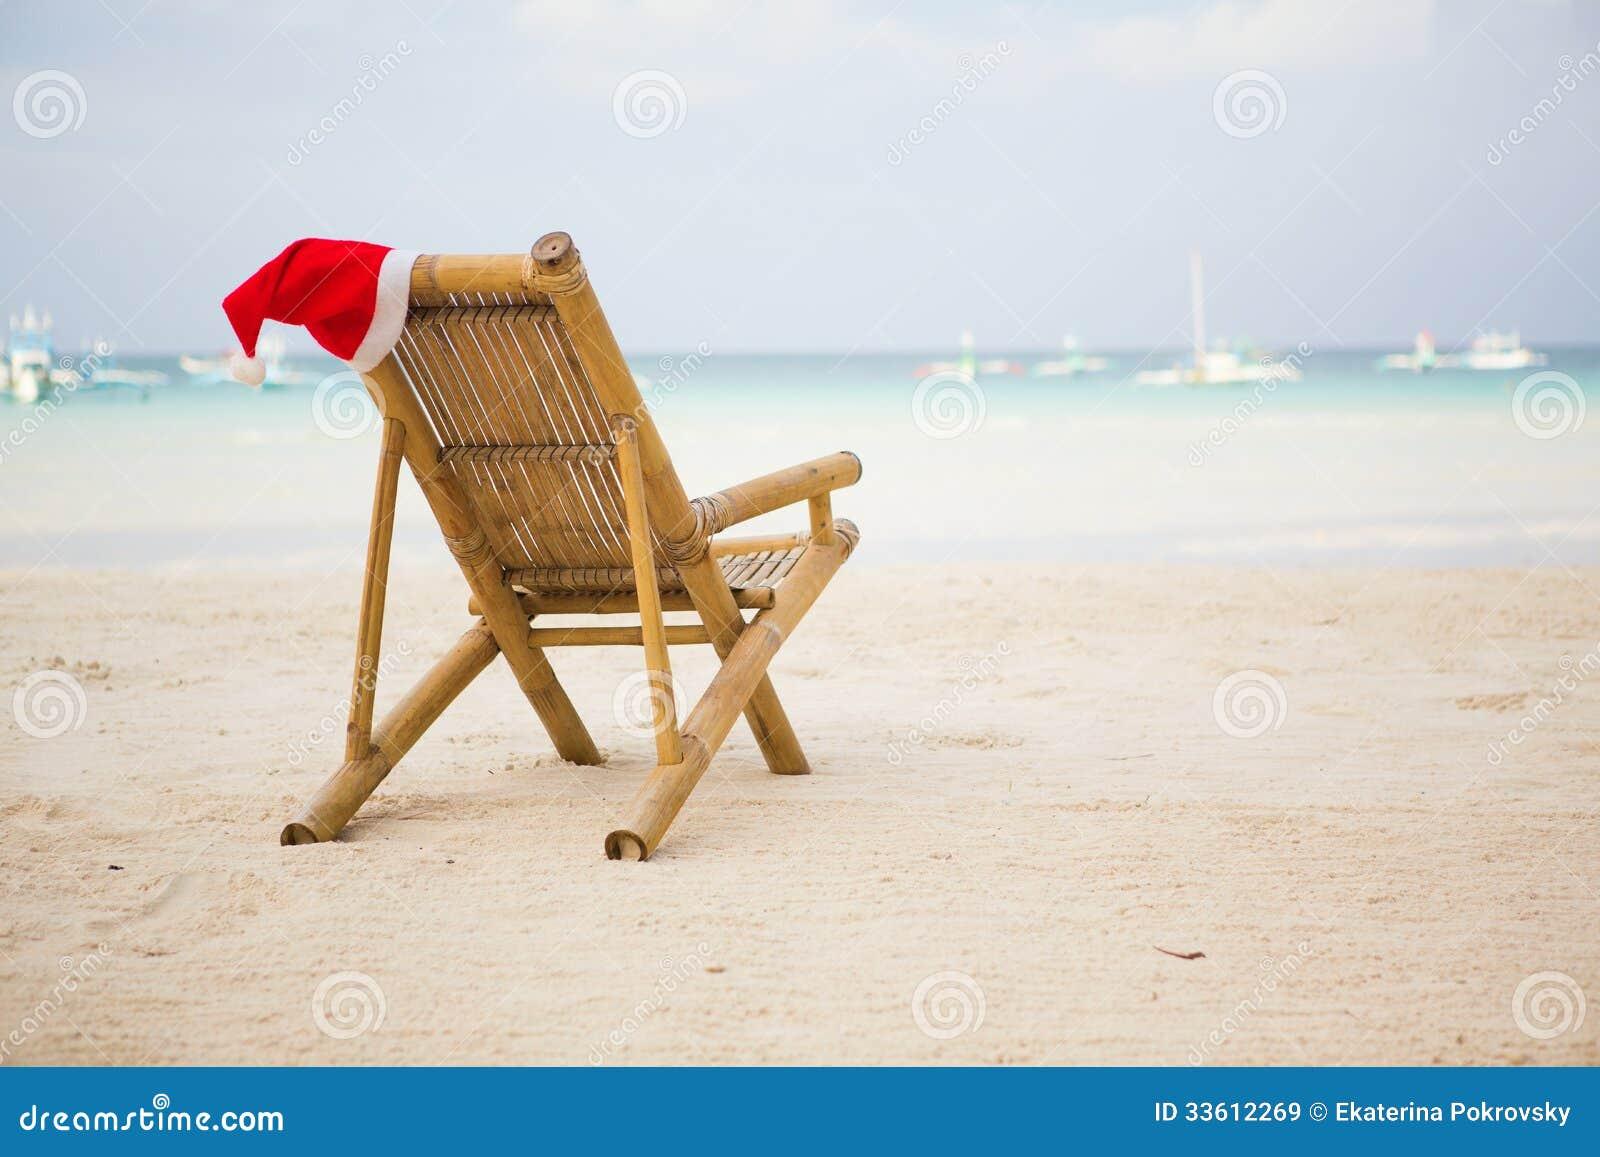 chapeau de santa sur la chaise longue sur la plage image stock image du bleu oc an 33612269. Black Bedroom Furniture Sets. Home Design Ideas